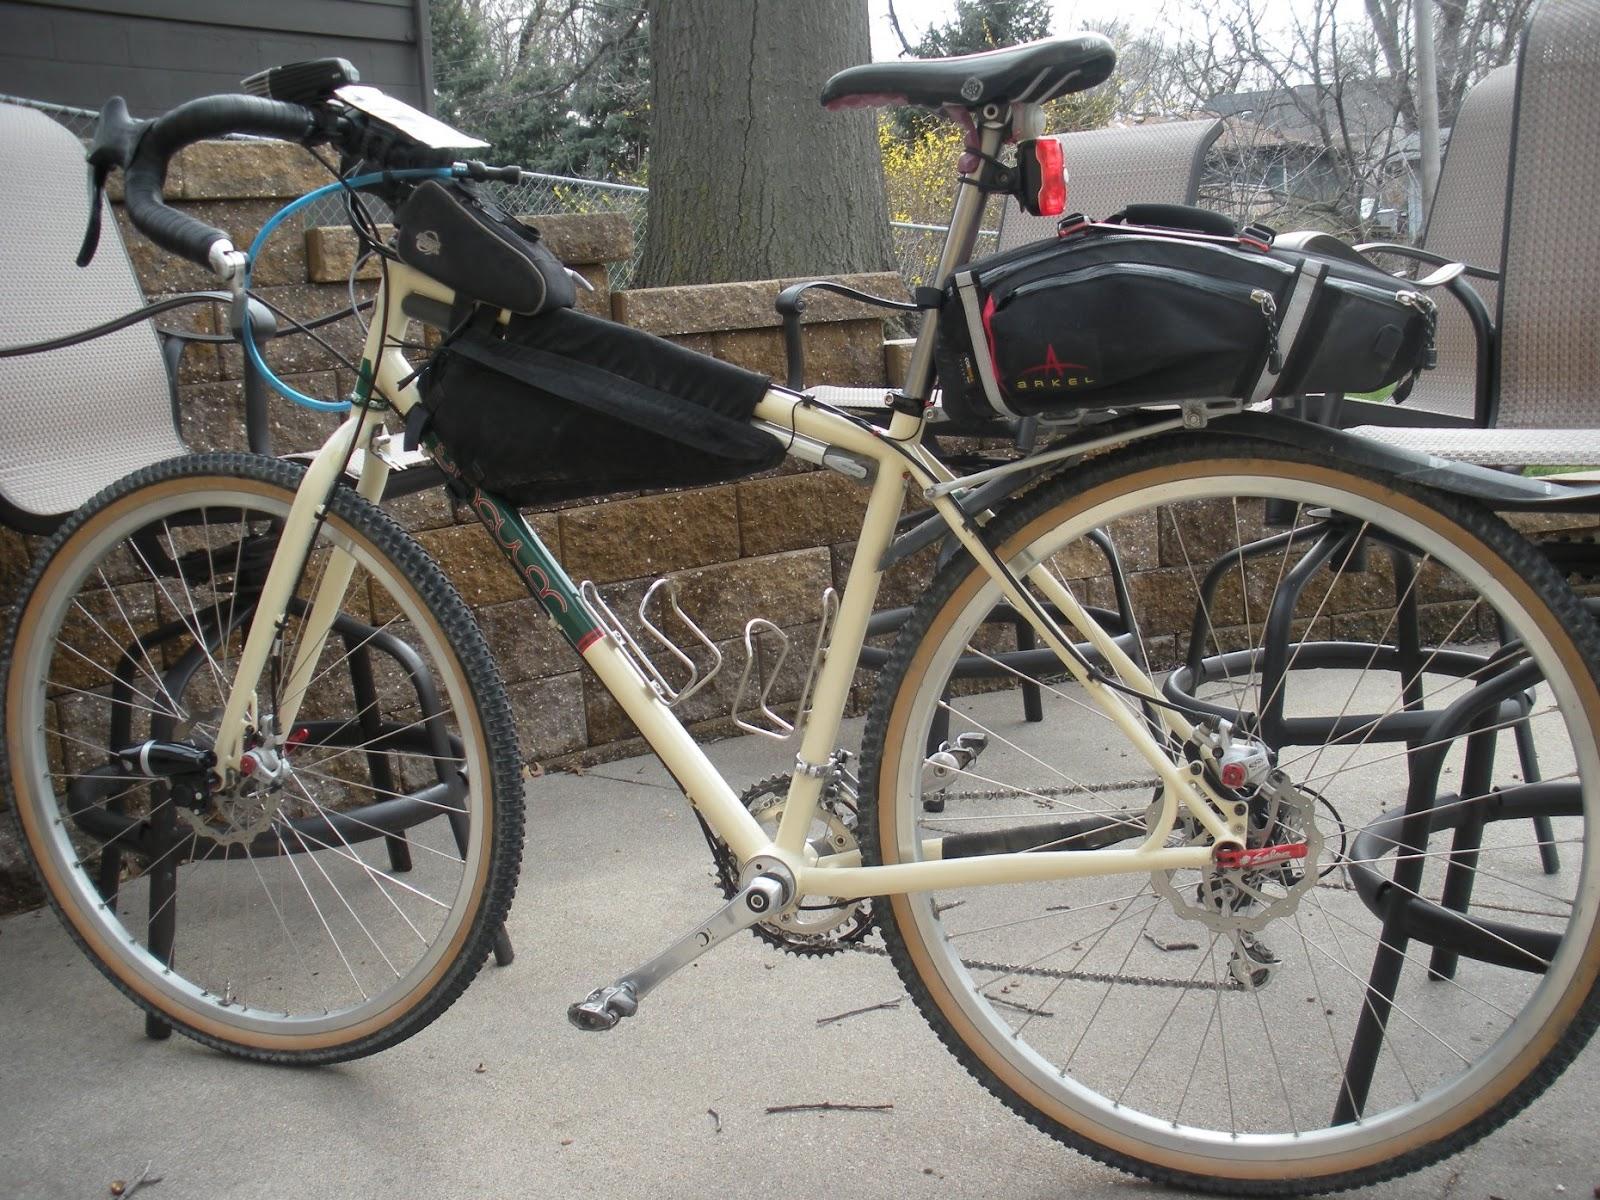 The DirtBlog: Detailing my final TransIowa v9 Bike Setup...